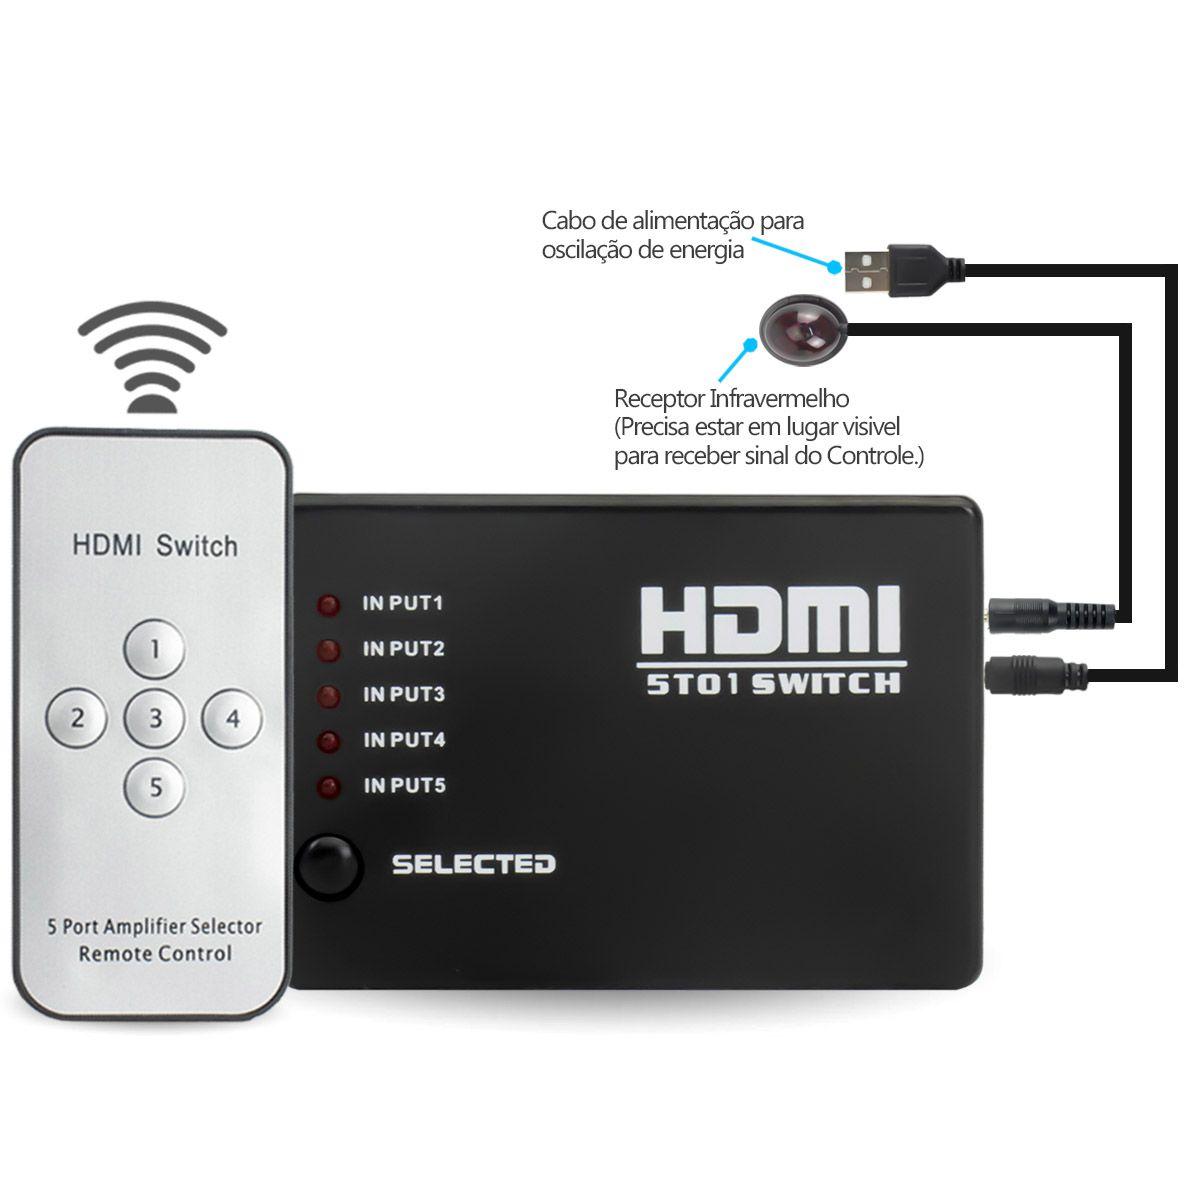 Switch HDMI 5 Entradas x 1 Saida com Controle Remoto e Extensor + Cabo USB DC + 3 Cabos hdmi de 1,5 Metro